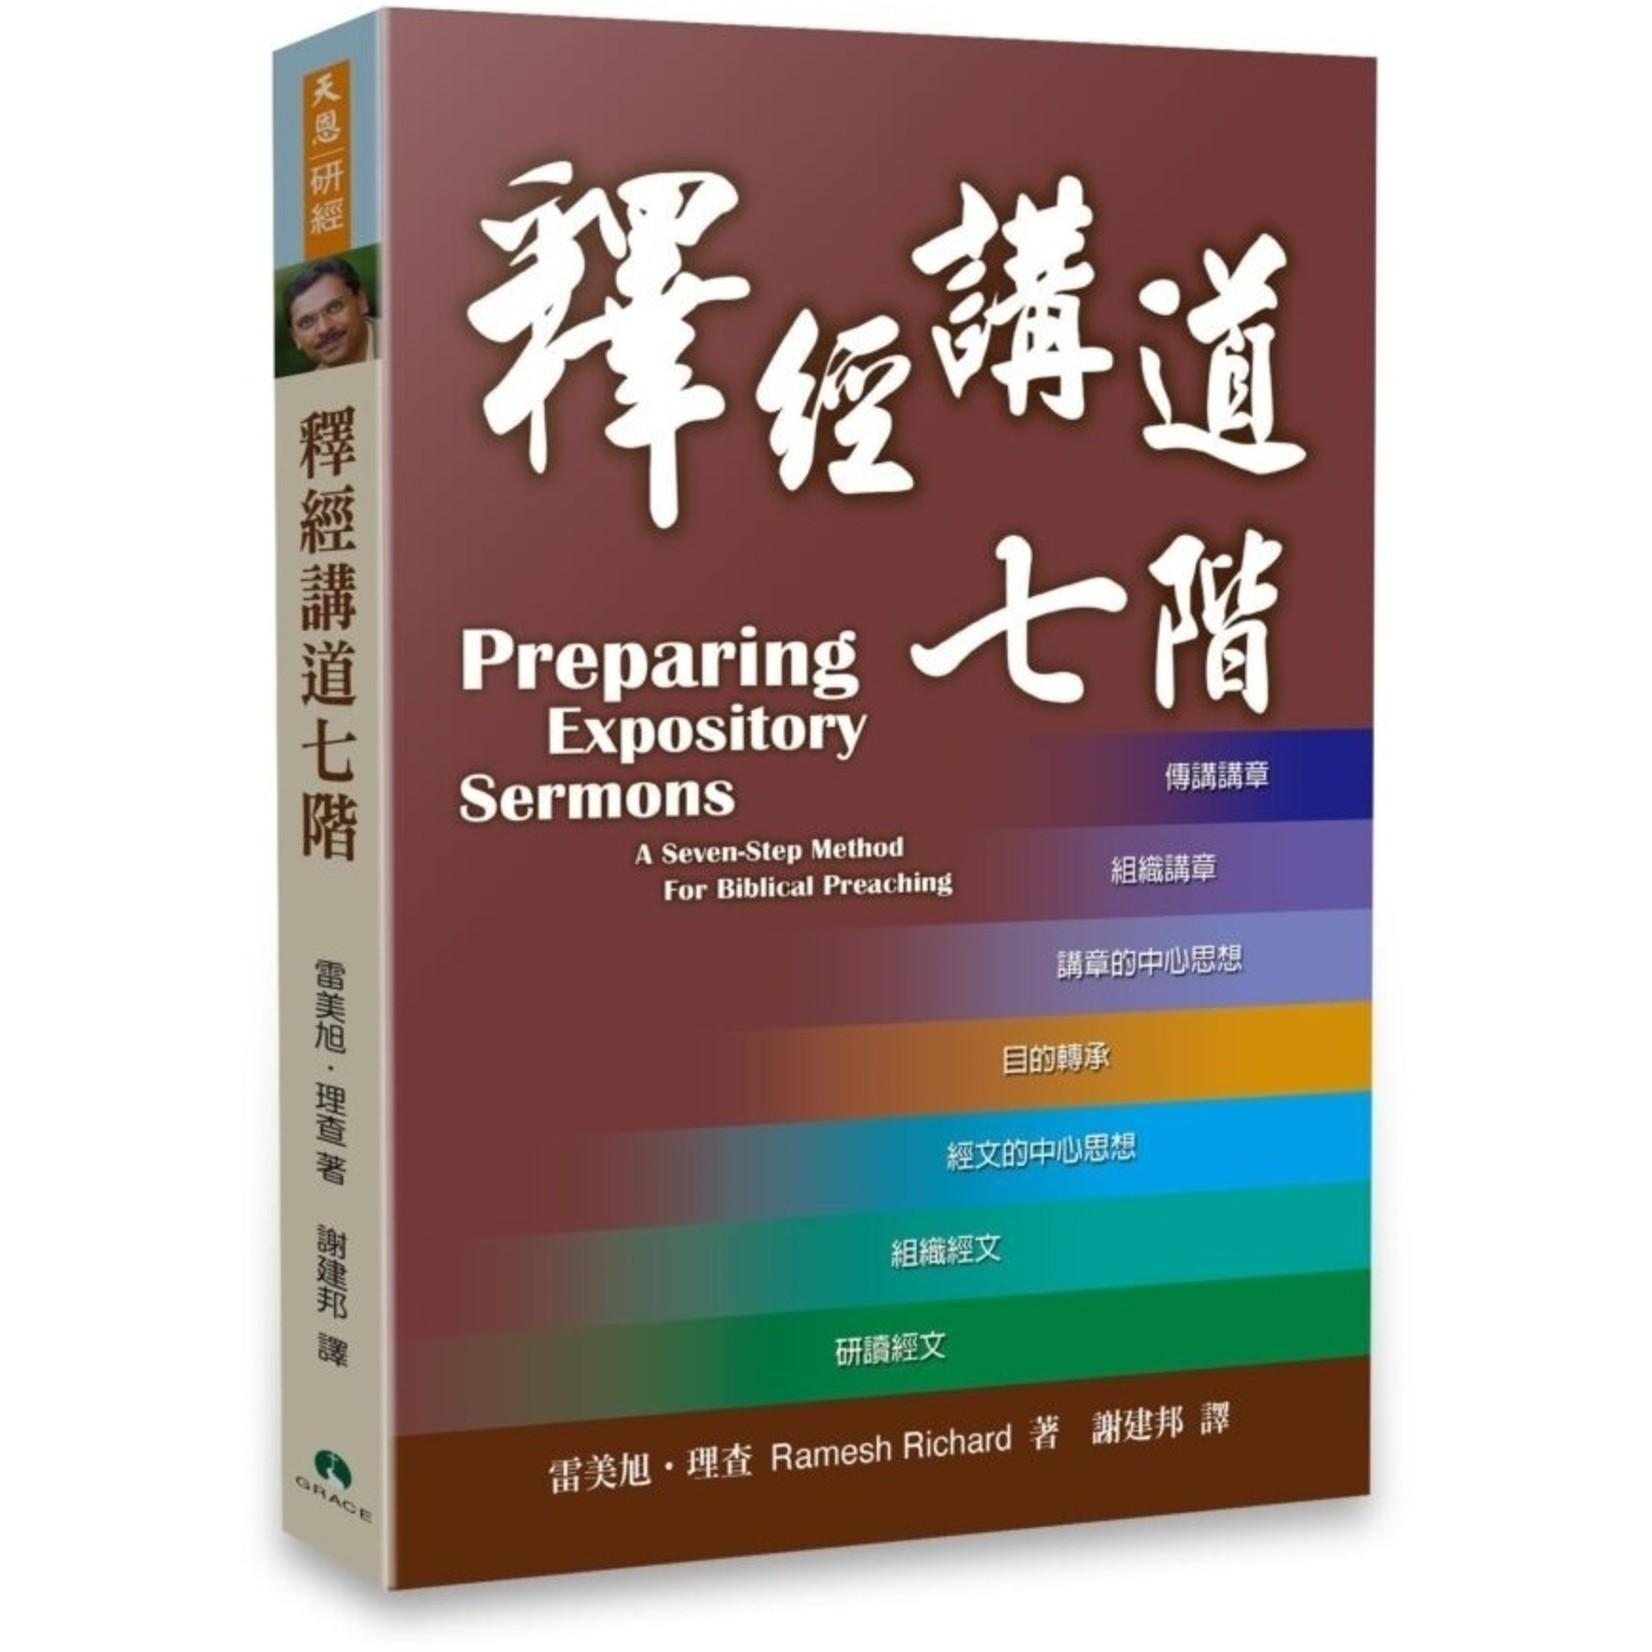 天恩 Grace Publishing House 釋經講道七階 Preparing Expository Sermons--A Seven-Step Method For Biblical Preaching